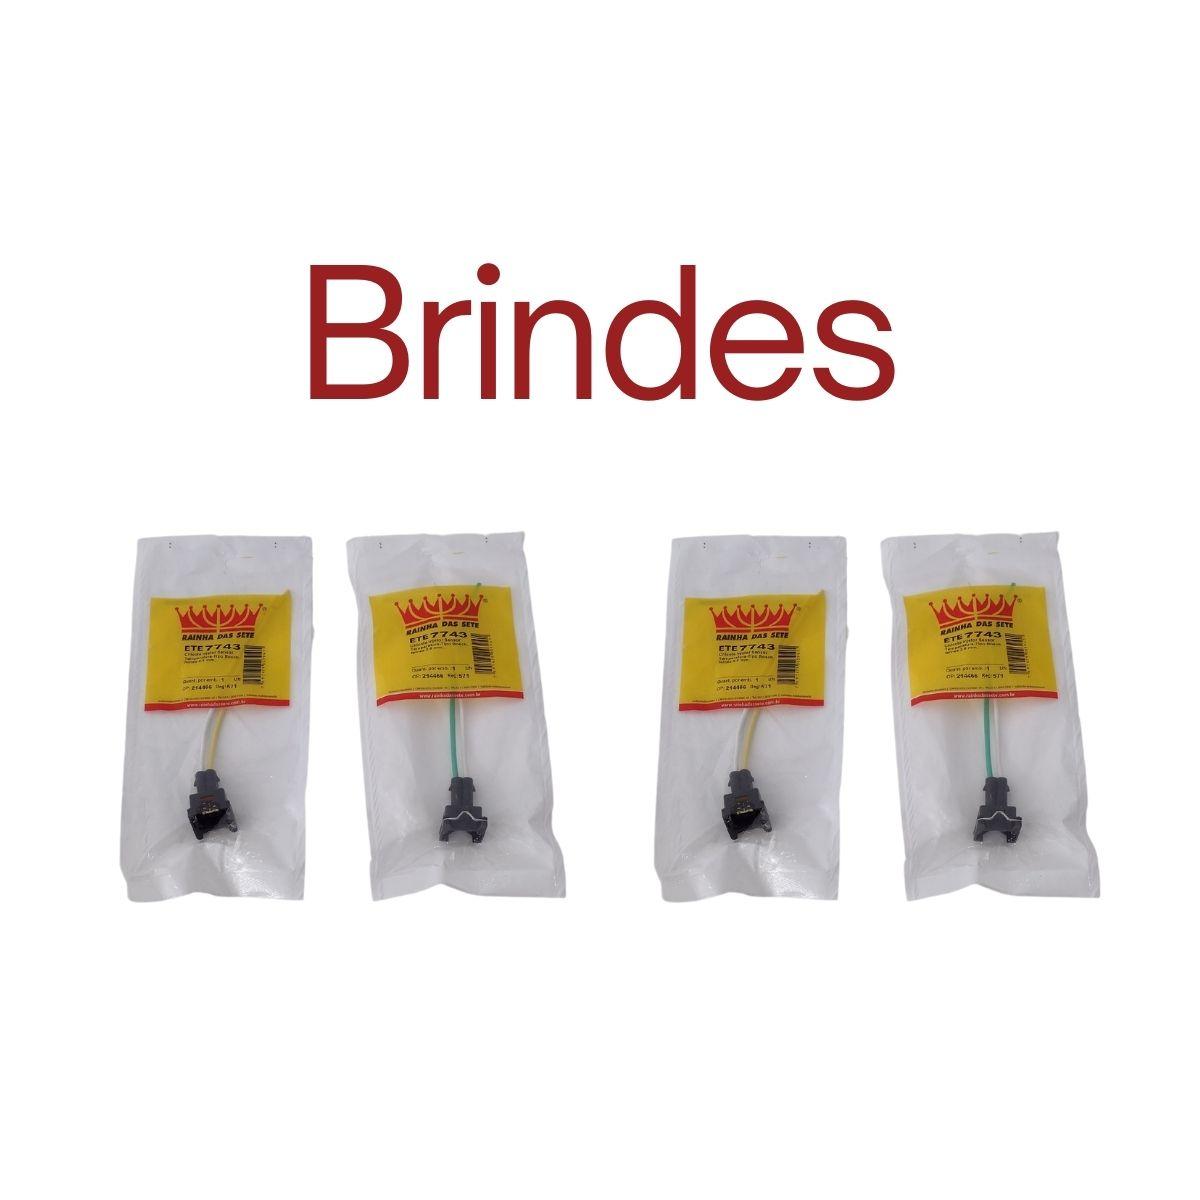 4 Bicos Injetor Longo 80lbs Fi114992 + Conector + Brindes - Alta Impedância